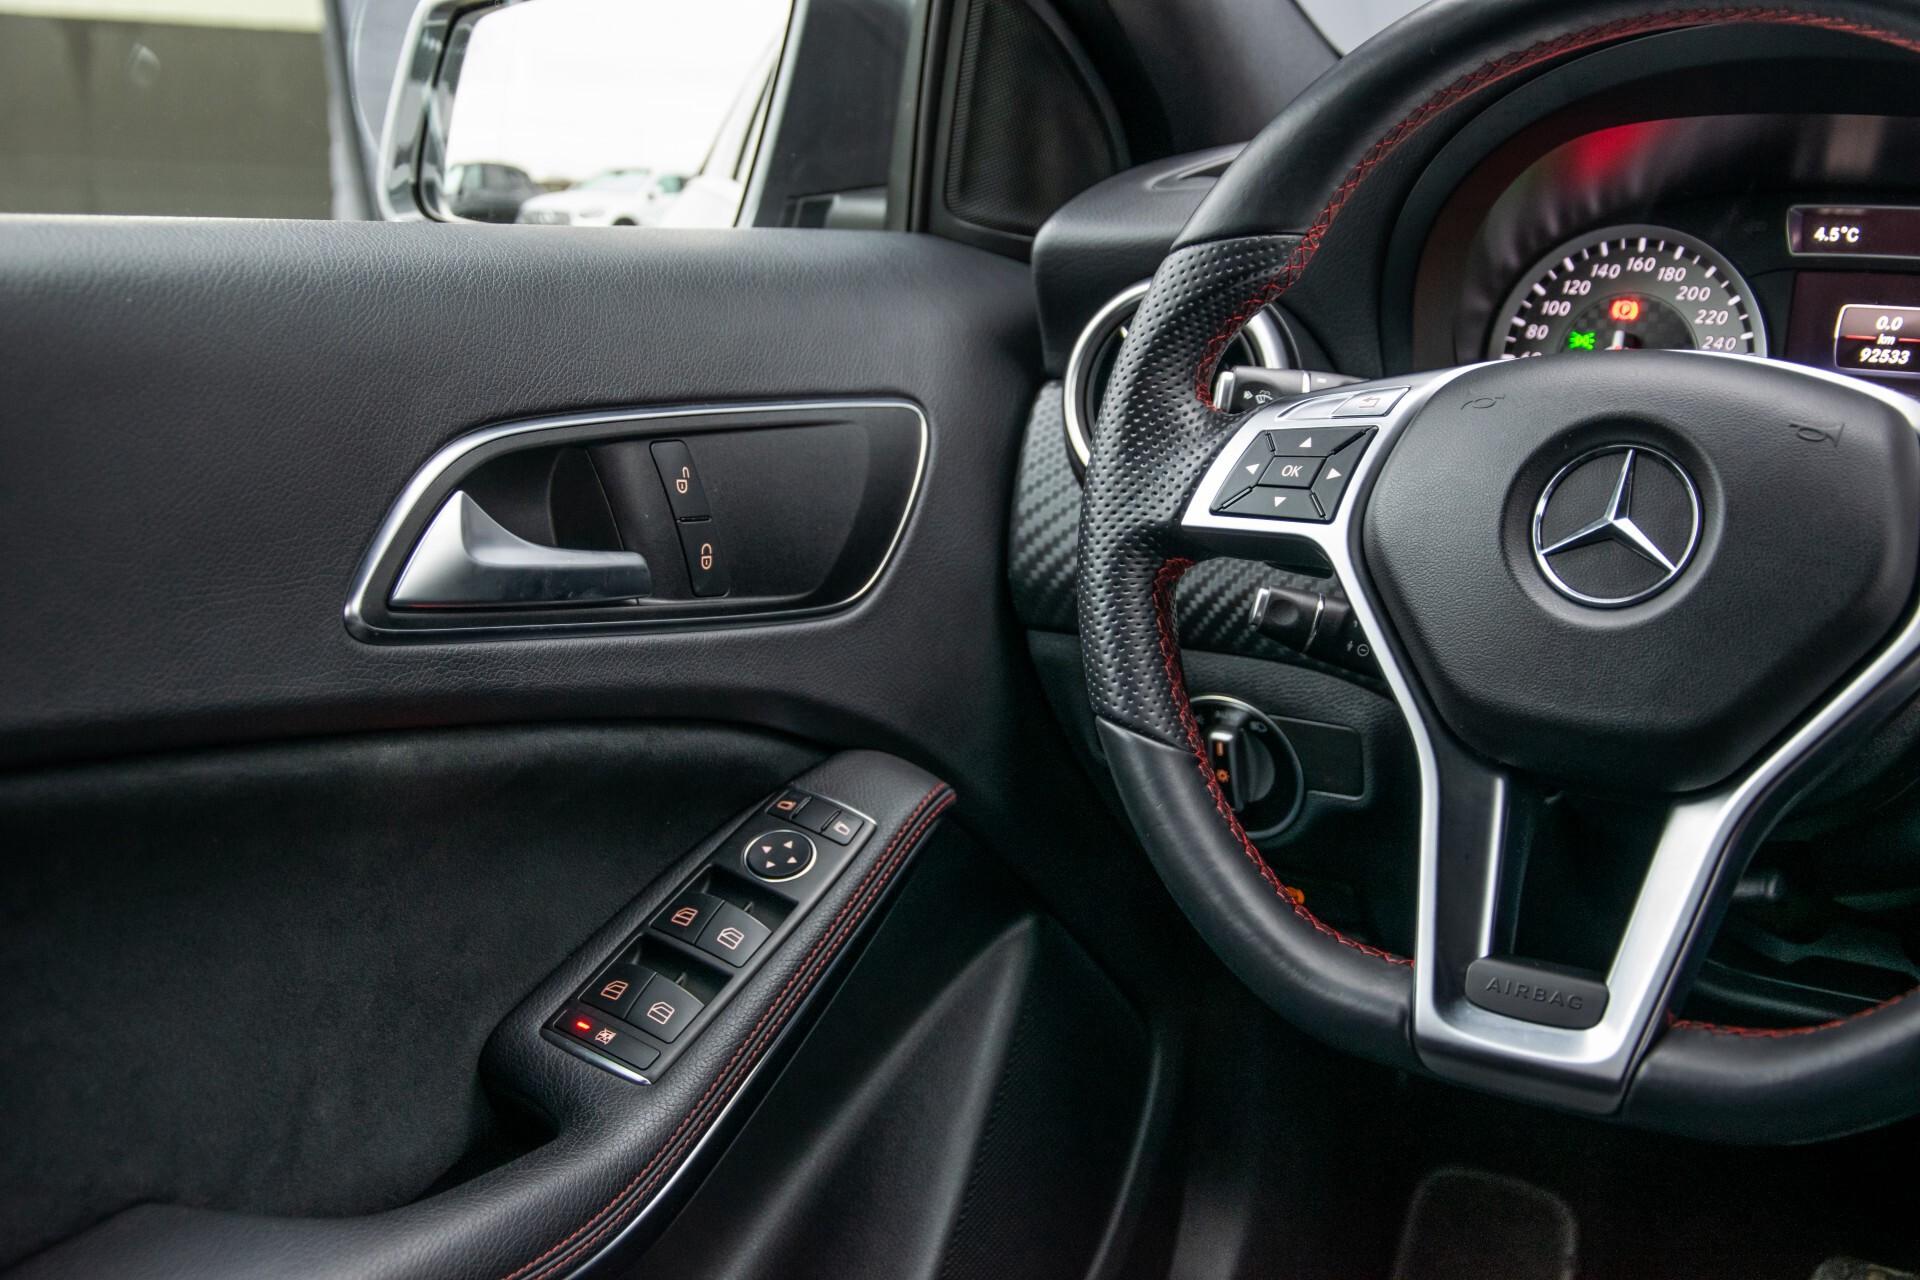 Mercedes-Benz A-Klasse 180 AMG Dynamic Handling/Camera/Xenon/Navi/Privacy Aut7 Foto 36